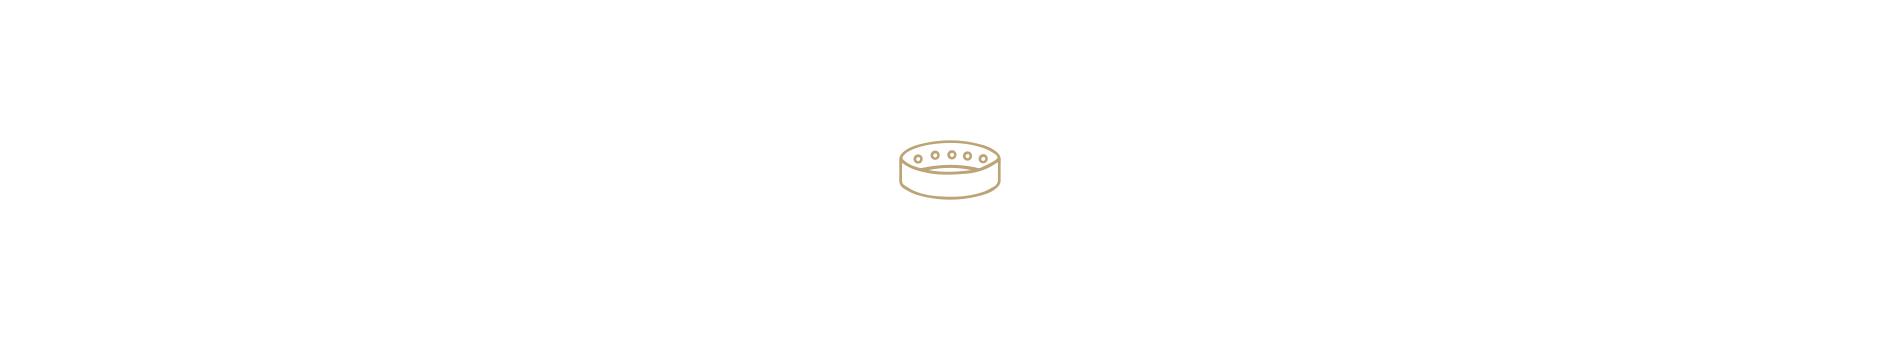 Bracelets - Pins - Badges